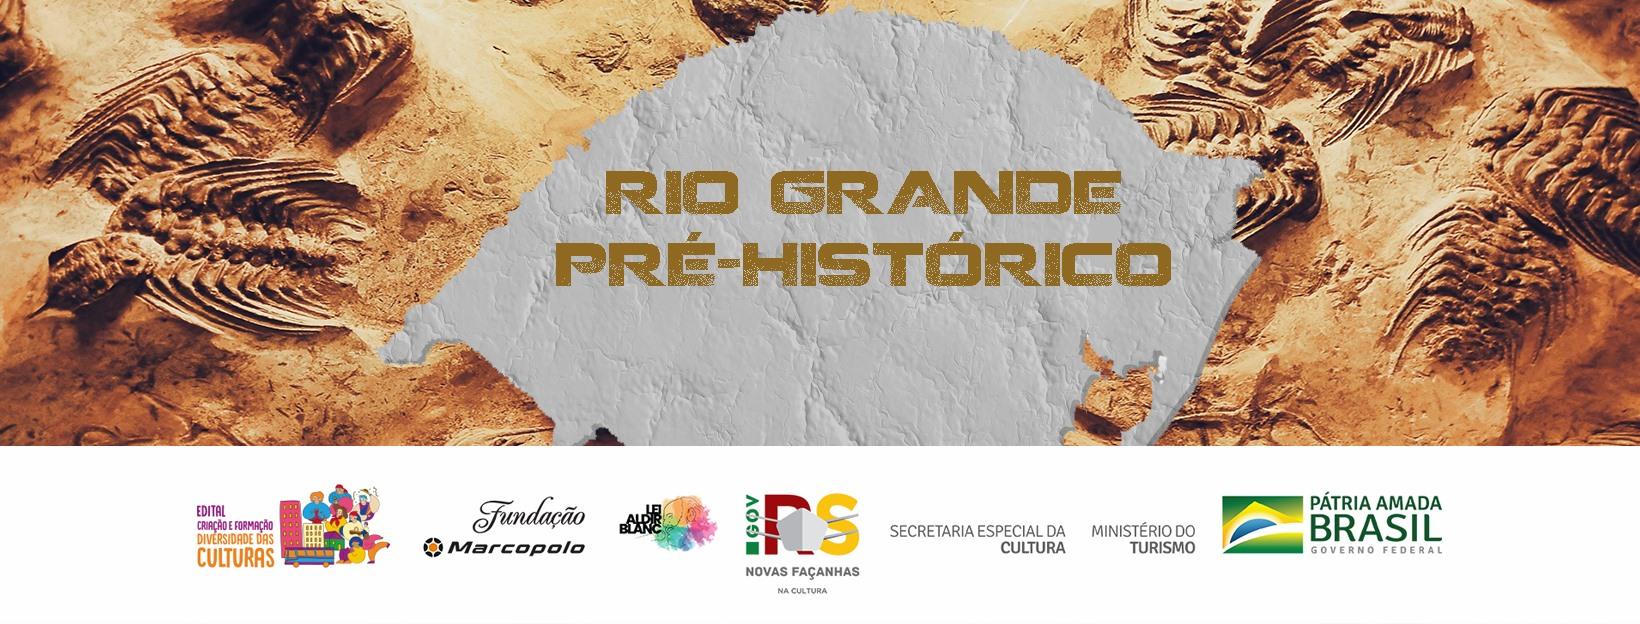 Episódios Rio Grande Pré-Histórico